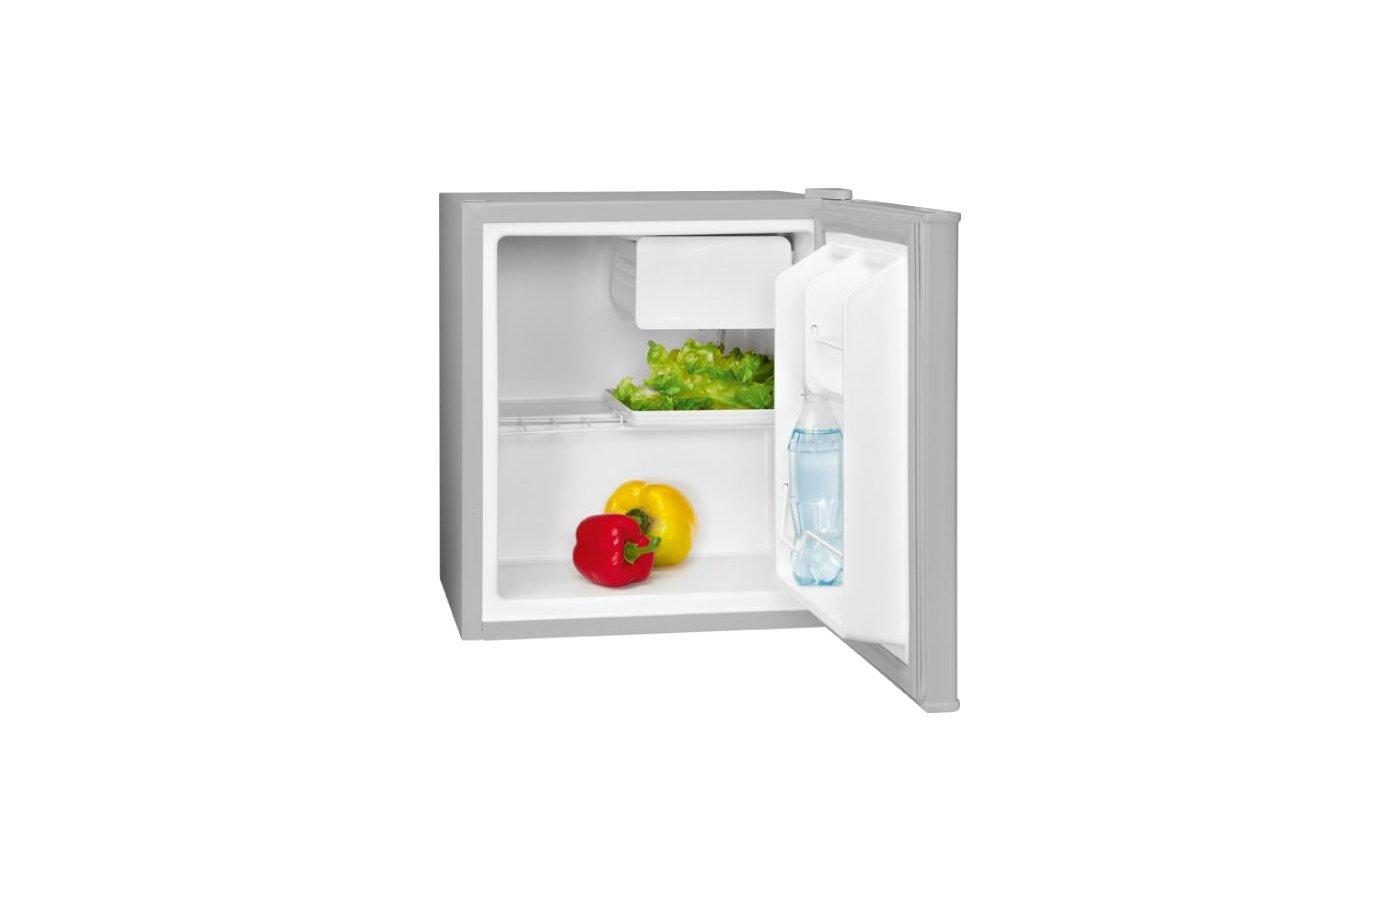 Холодильник BOMANN KB 389 silber